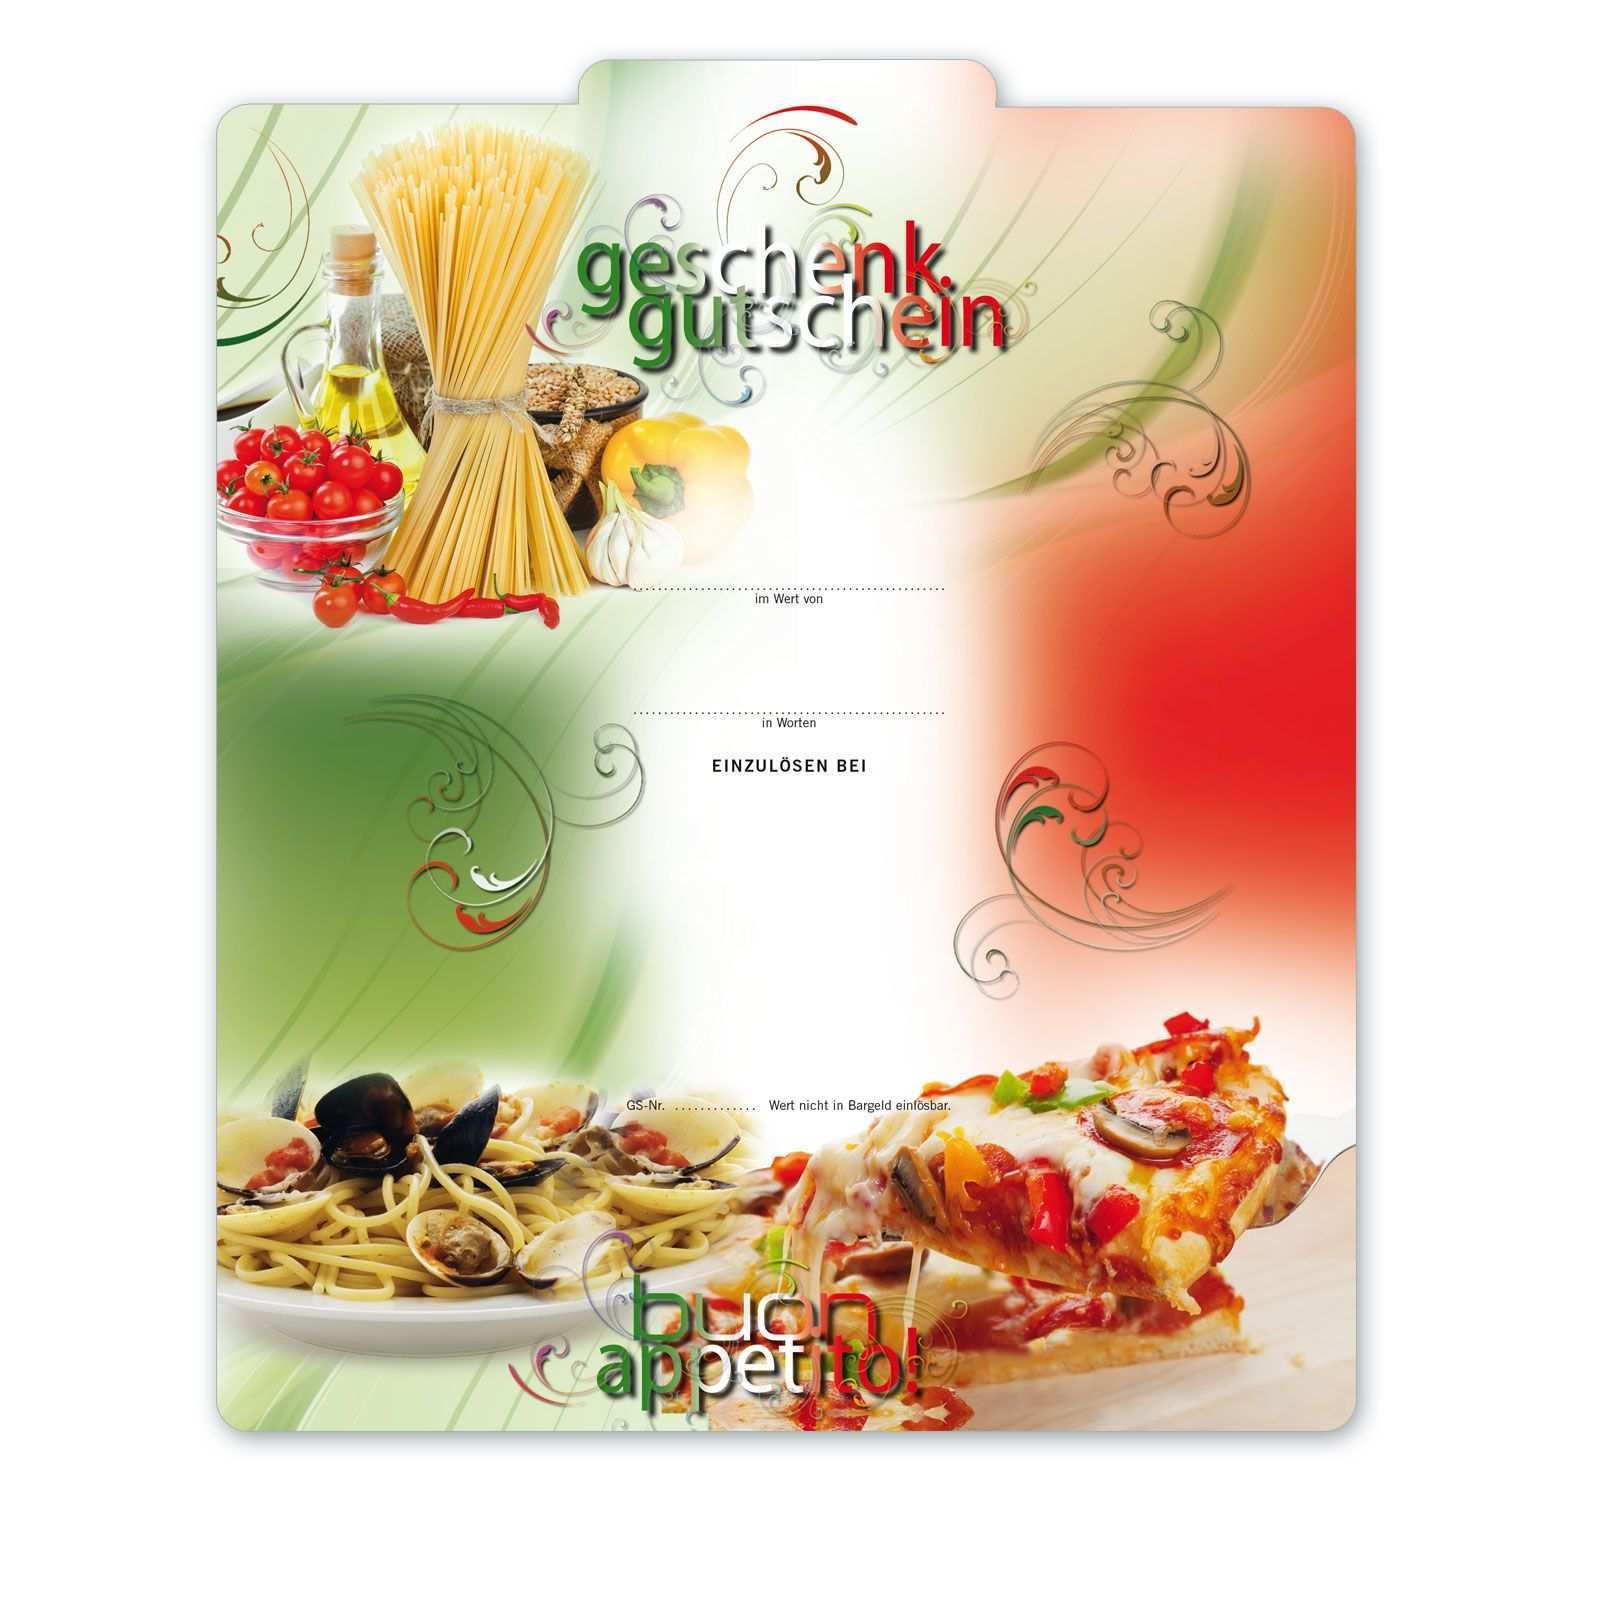 Gutschein Fur Den Italiener Italianfood Essen Italienischessen Restaurant Pizza Pasta Italienische Gerichte Lebensmittel Essen Gutschein Verpacken Essen